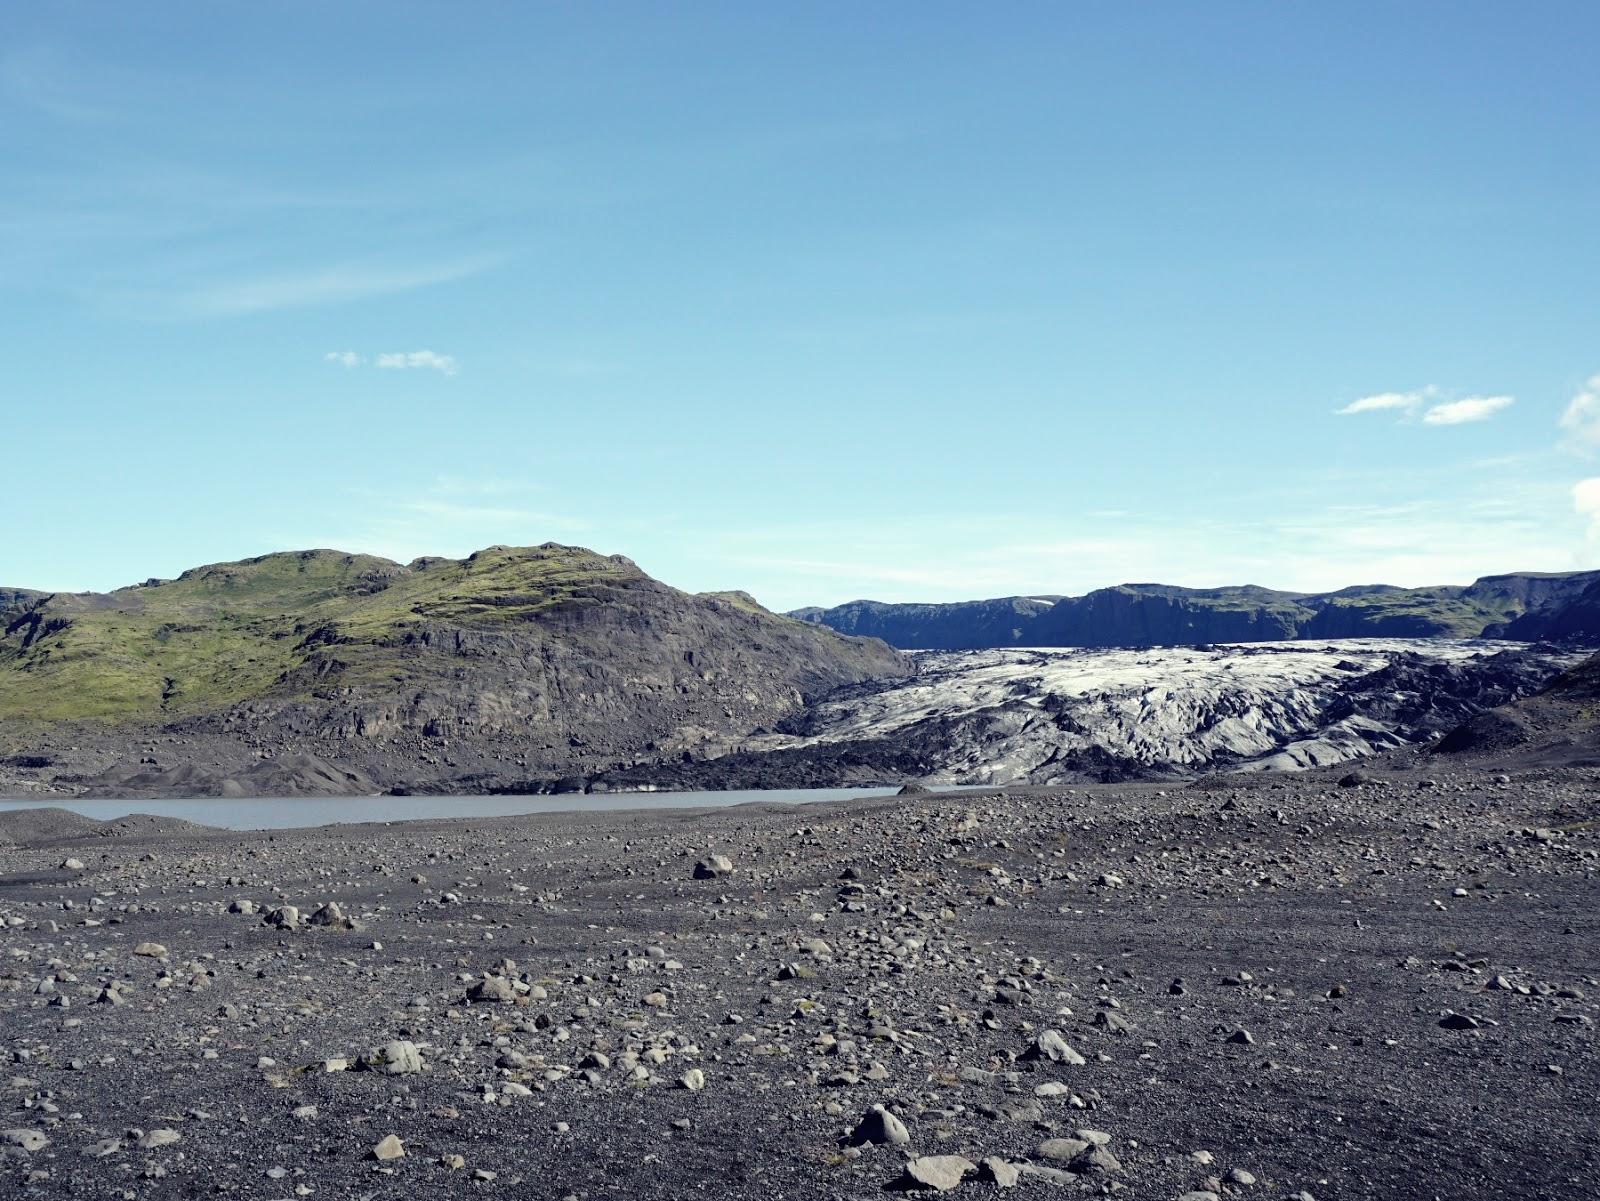 zatoka, Lodowiec Solheimajokull, lodowiec, Myrdalsjokull, Islandia, południowa Islandia, zwiedzanie Islandii, panidorcia, Pani Dorcia blog, blog o Islandii, co zwiedzić w Islandii